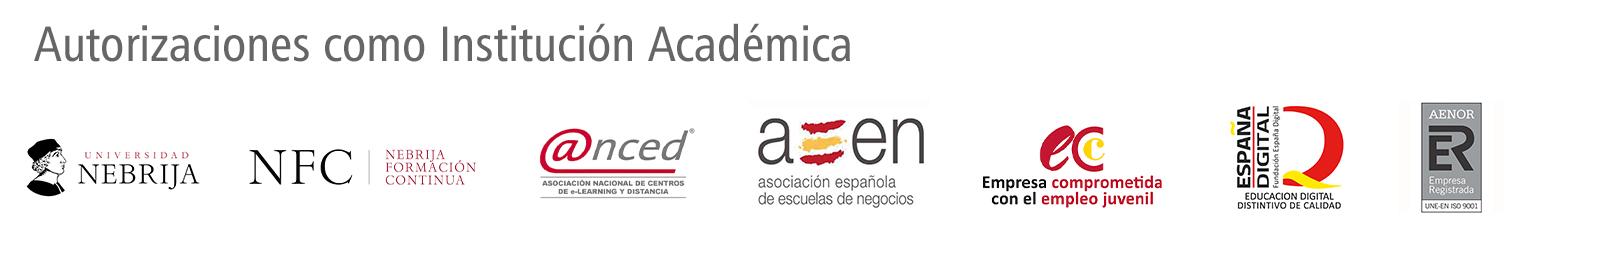 Autorizaciones Formación Universitaria